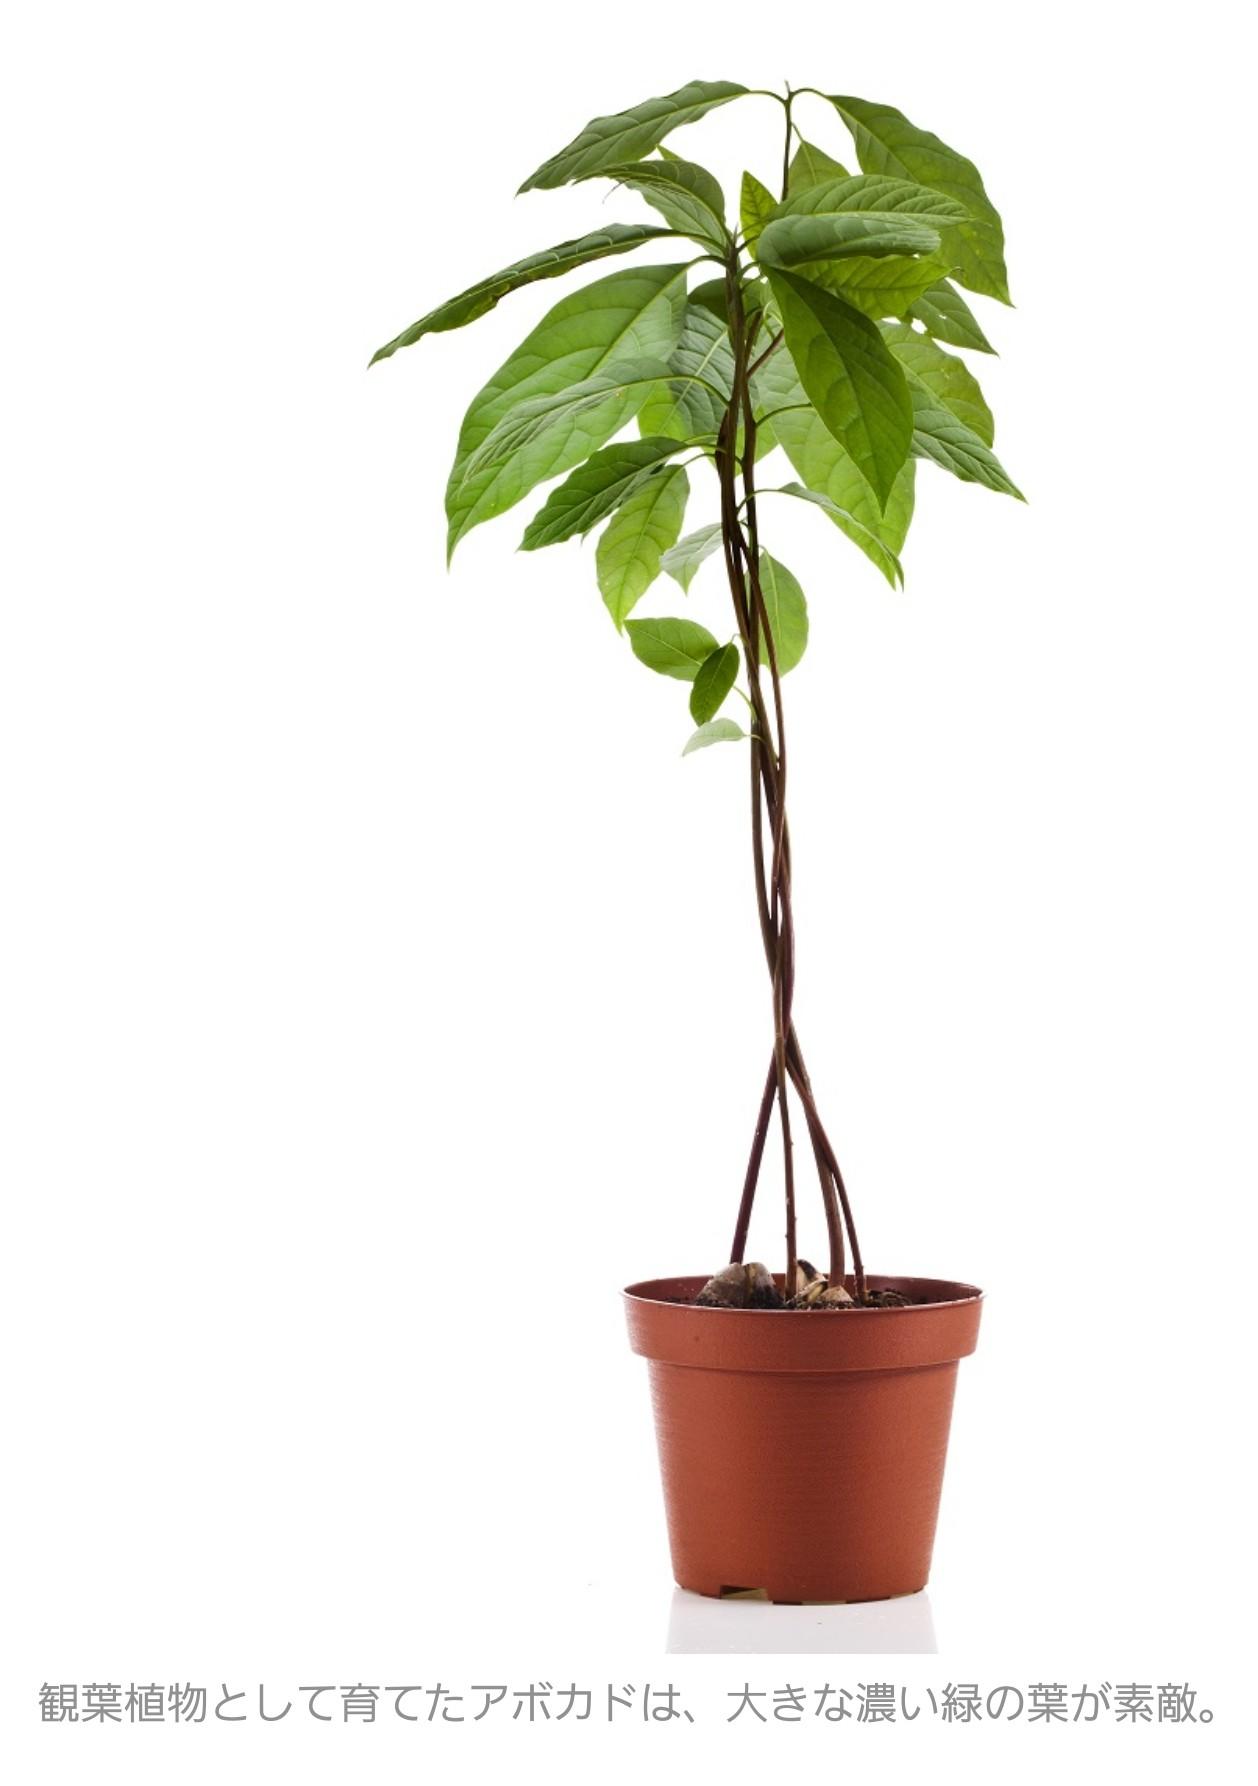 アボカドの種 観葉植物